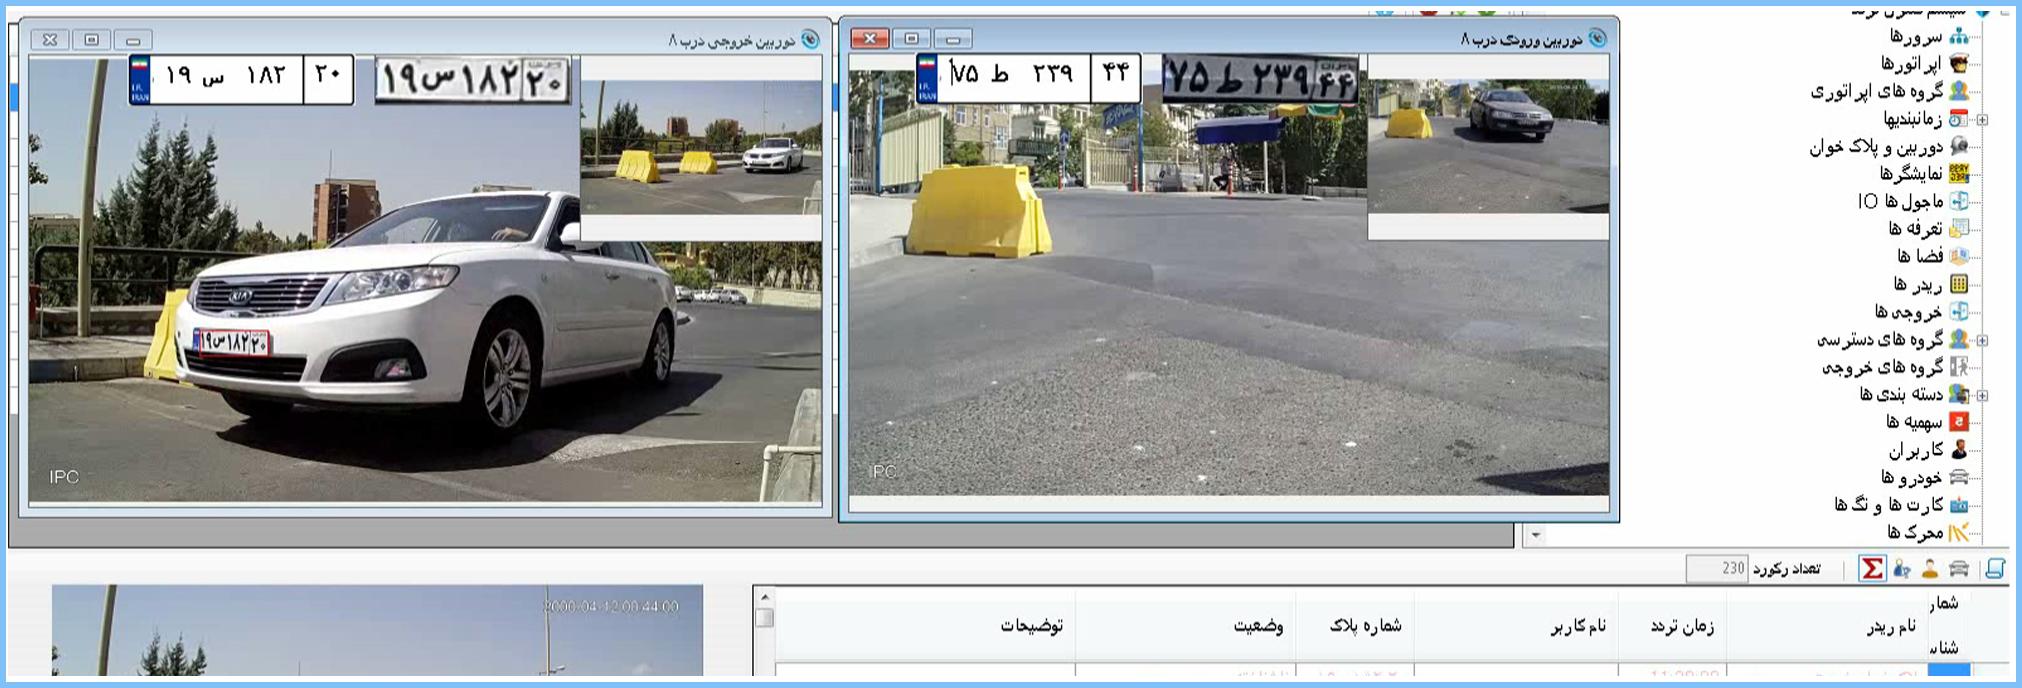 مستند سازی با تصاویر فراگارد سامانه جامع کنترل تردد